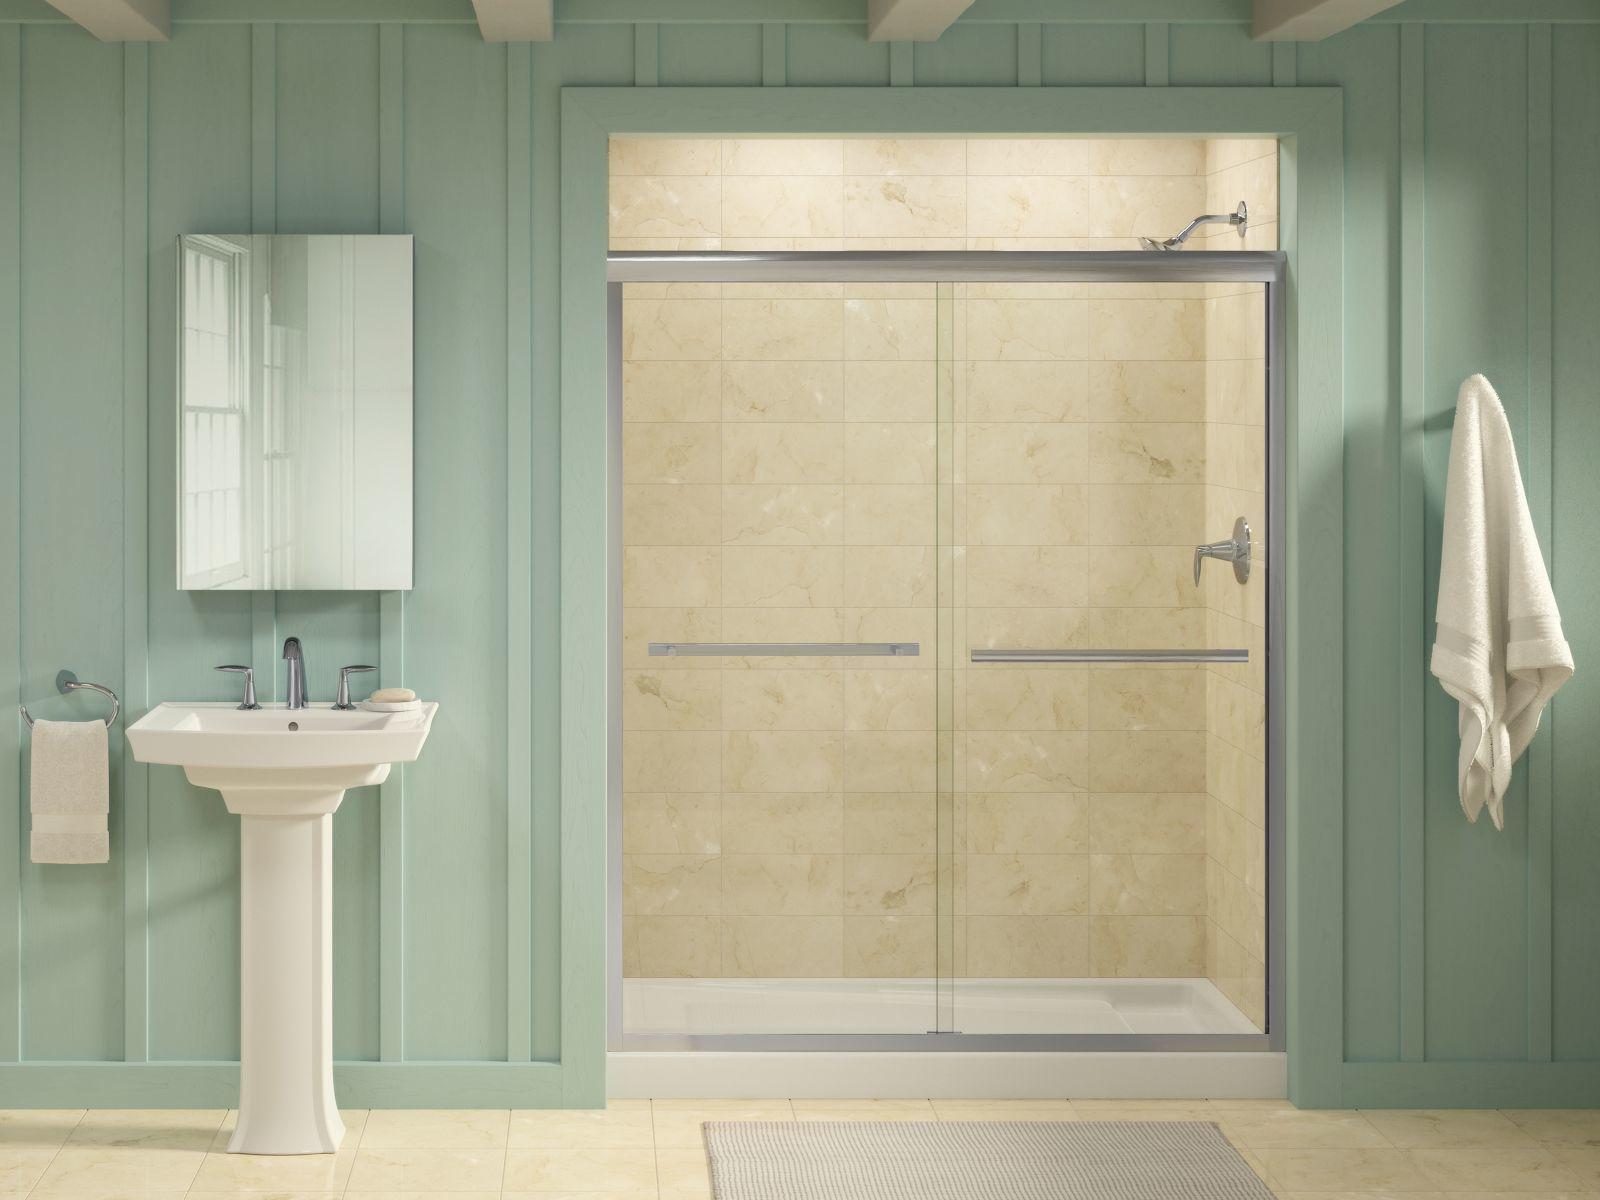 Exelent Kohler Products Sketch - Bathtub Design Ideas - valtak.com